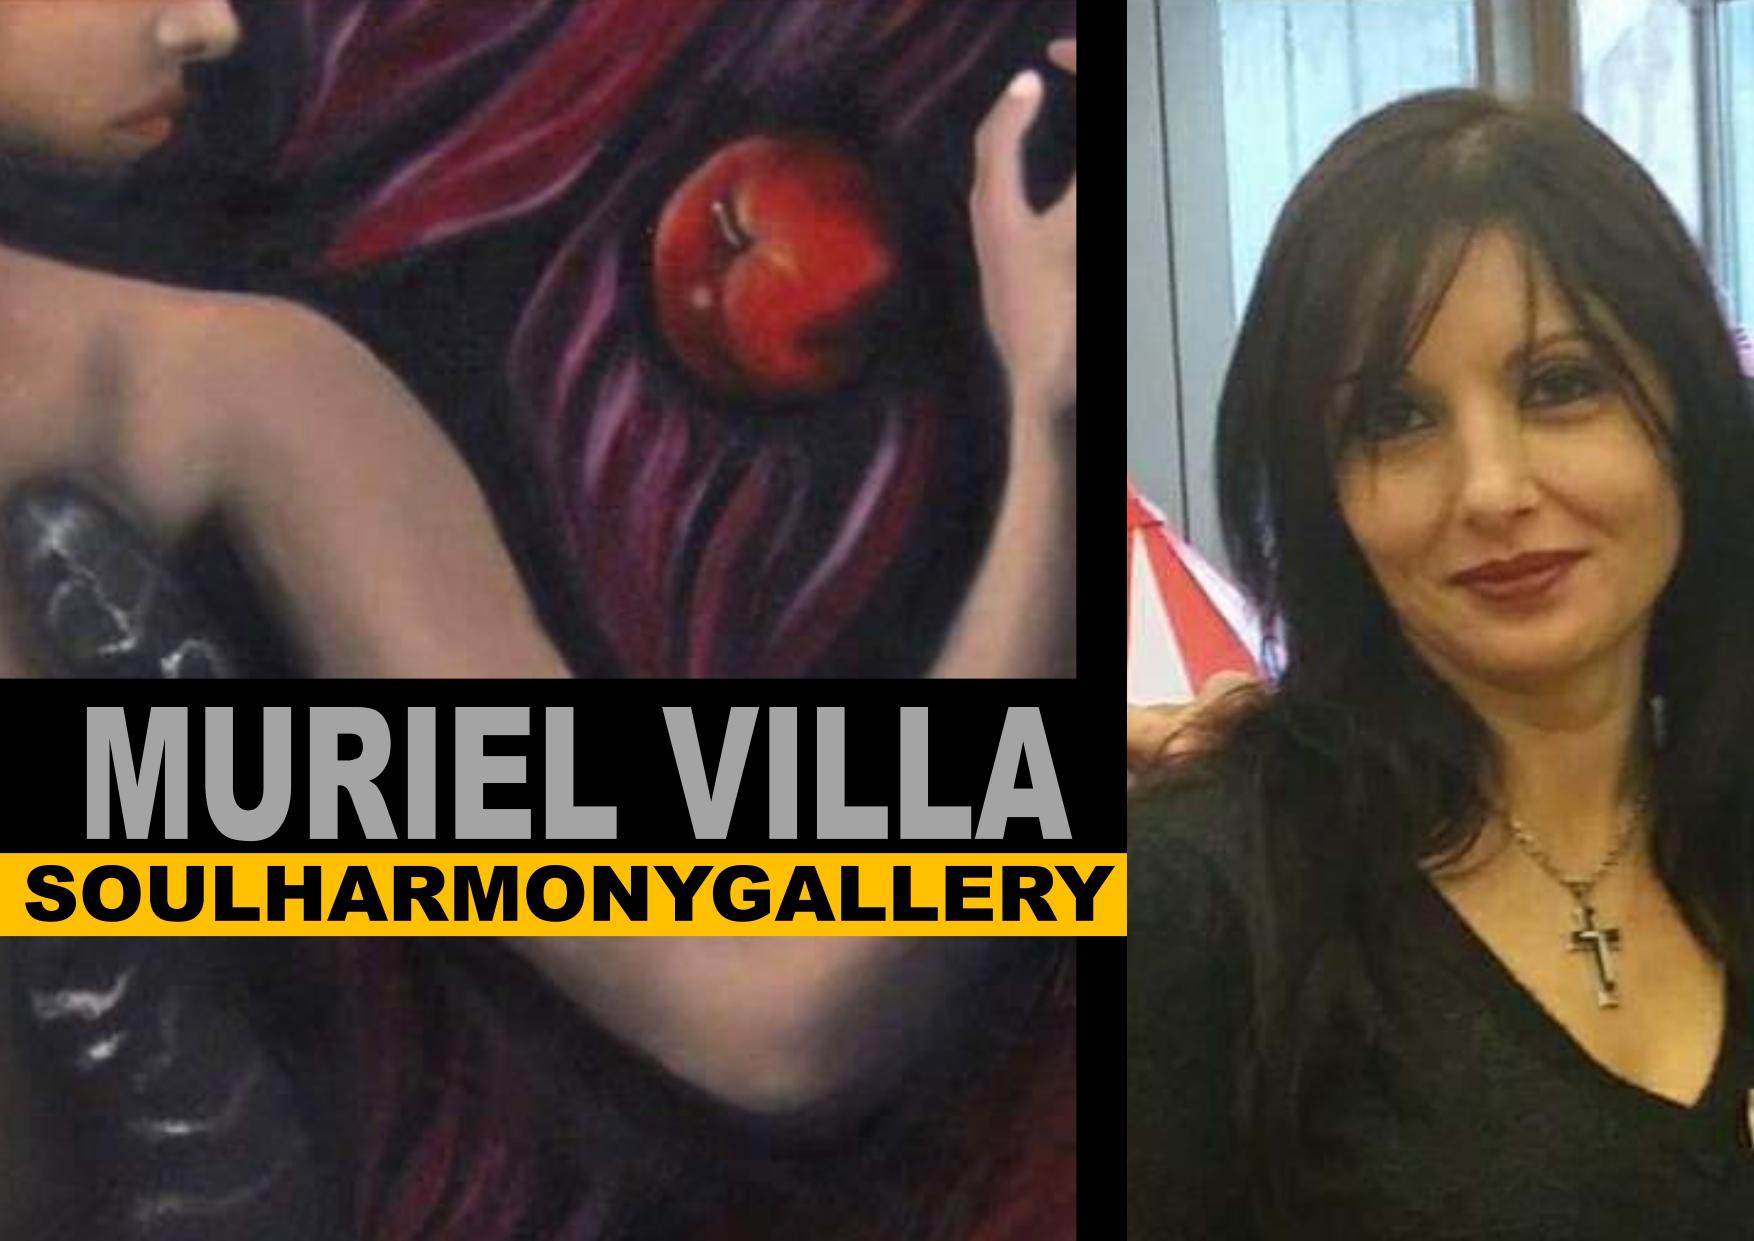 Villa Muriel  artista presso la soulharmonygallery